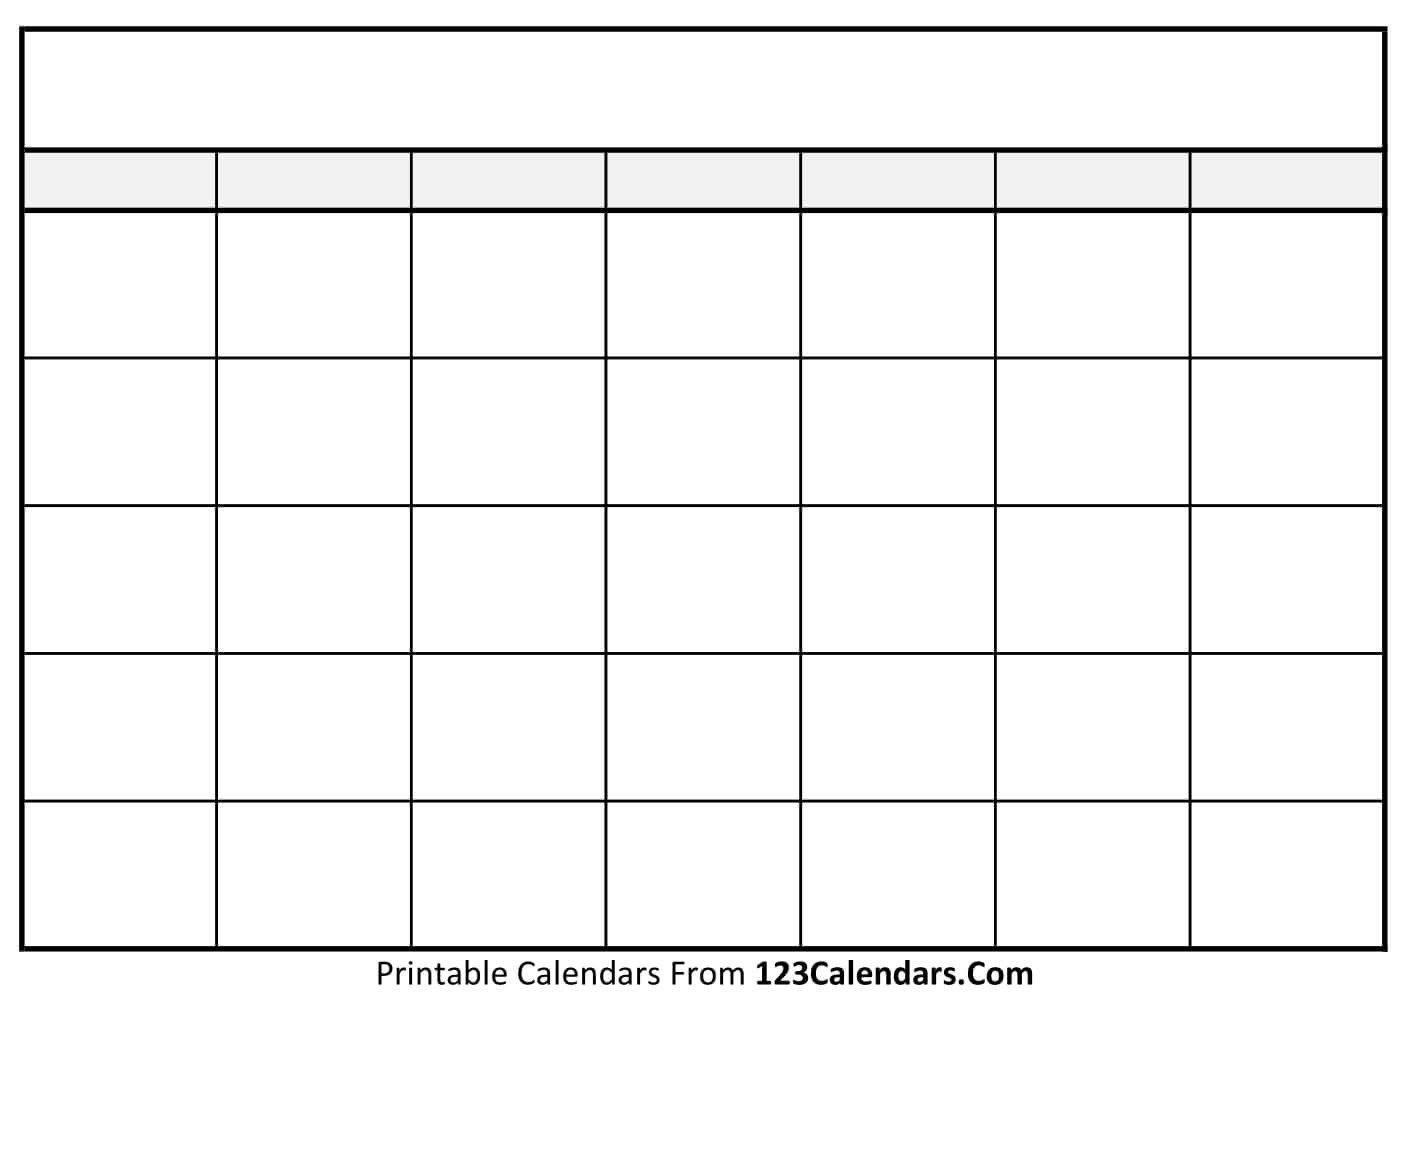 Fill In Printable Calendar Templates   Calendar Template Free Fill In Printable Calendars